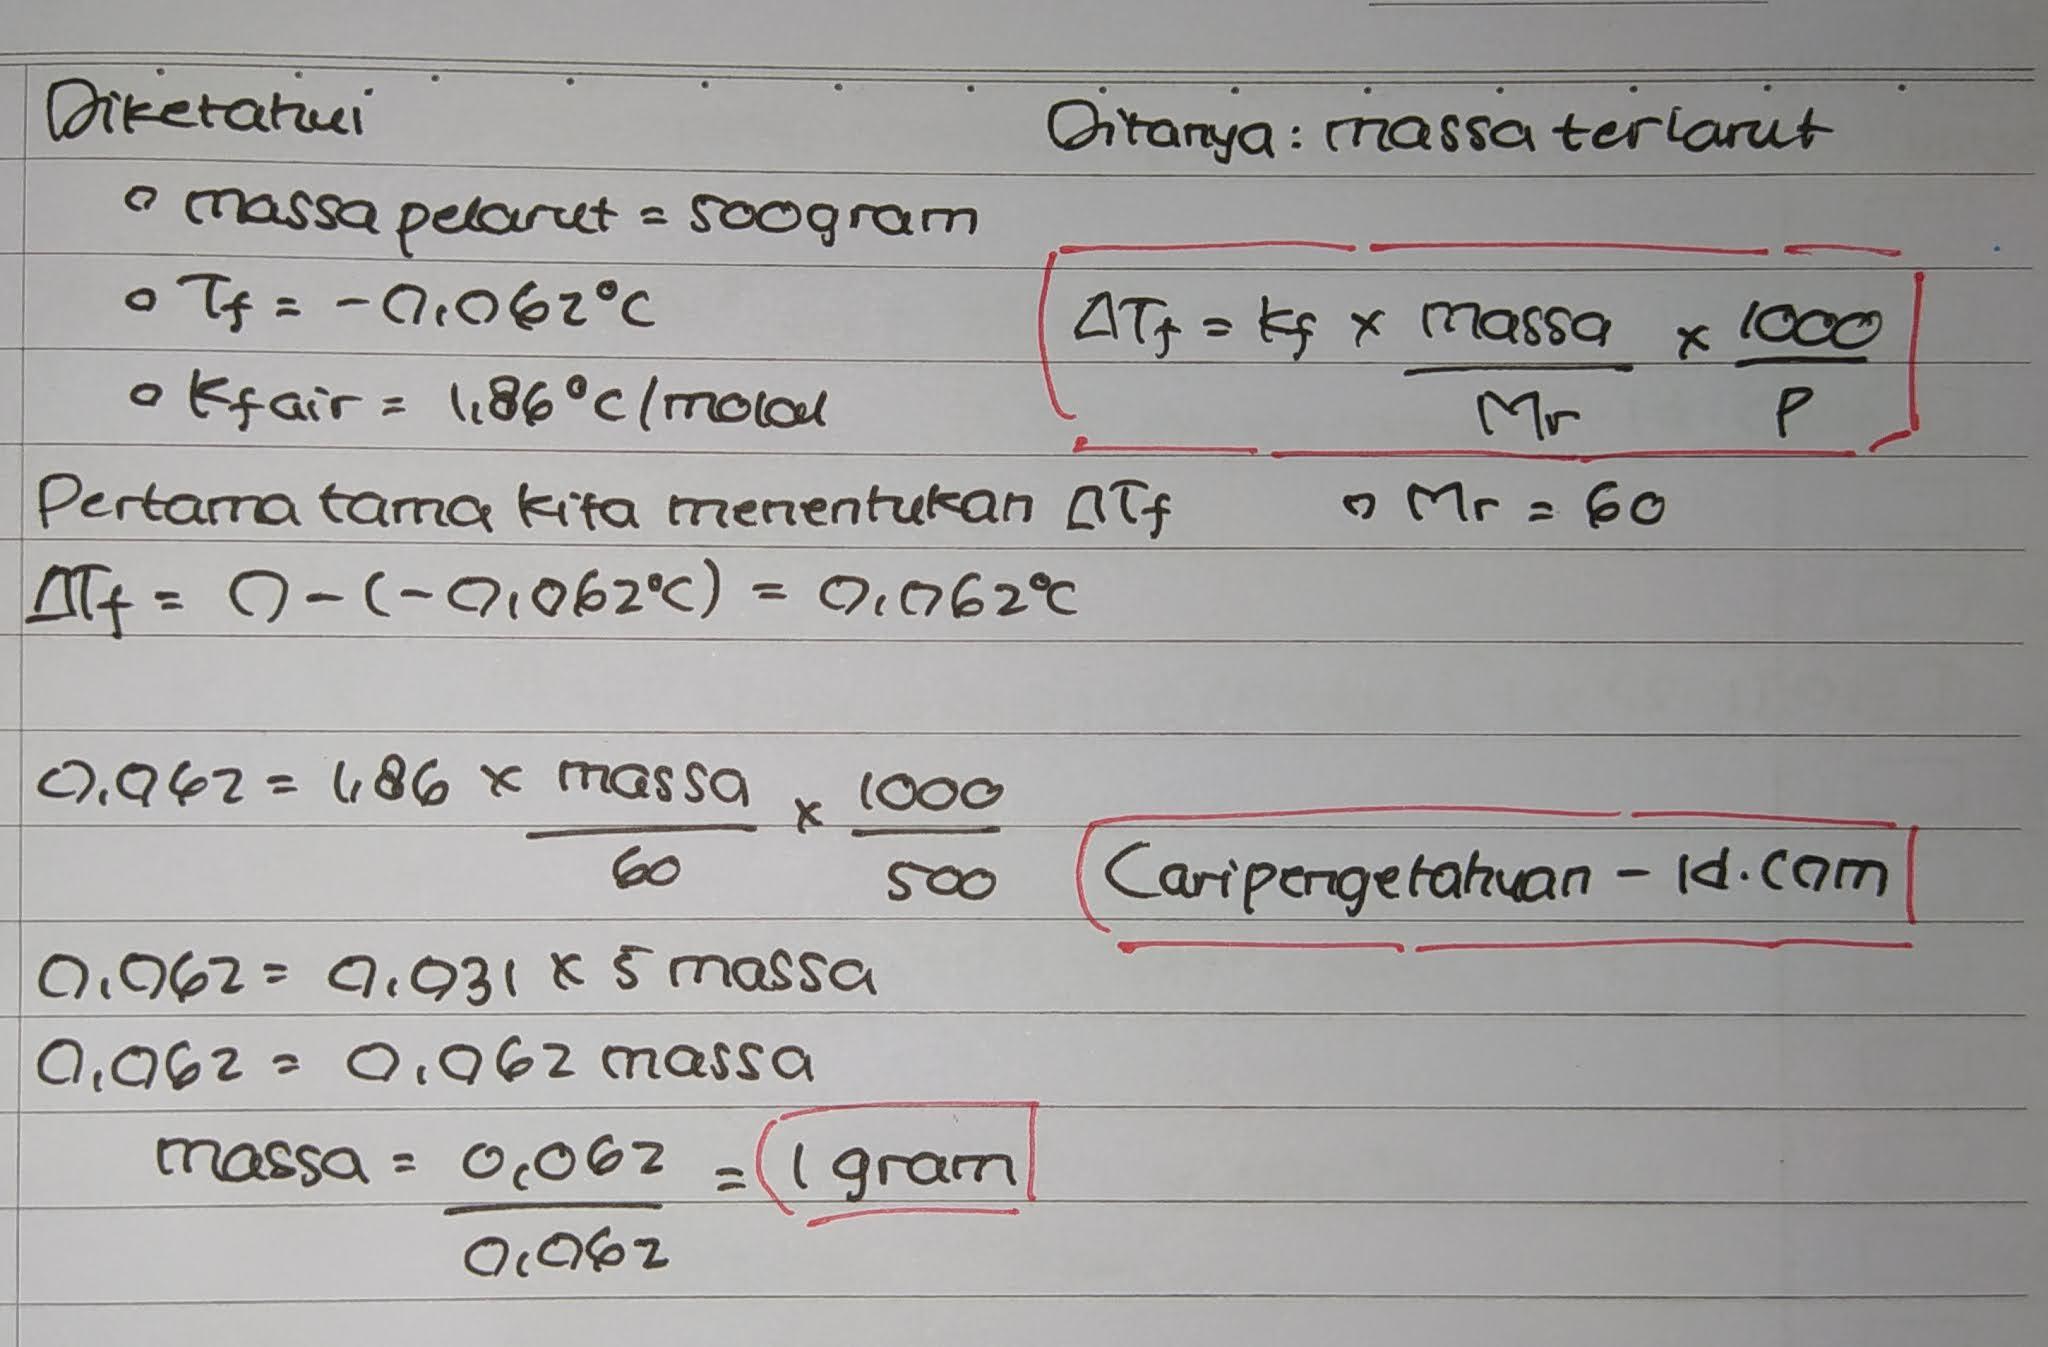 Untuk menurunkan titik beku 500 gram air menjadi -0,062°C (Kf air = 1,86°C/molal) maka jumlah urea (CO(NH2)2) (Ar C = 12, O = 16, N = 14, H = 1) yang harus dilarutkan adalah